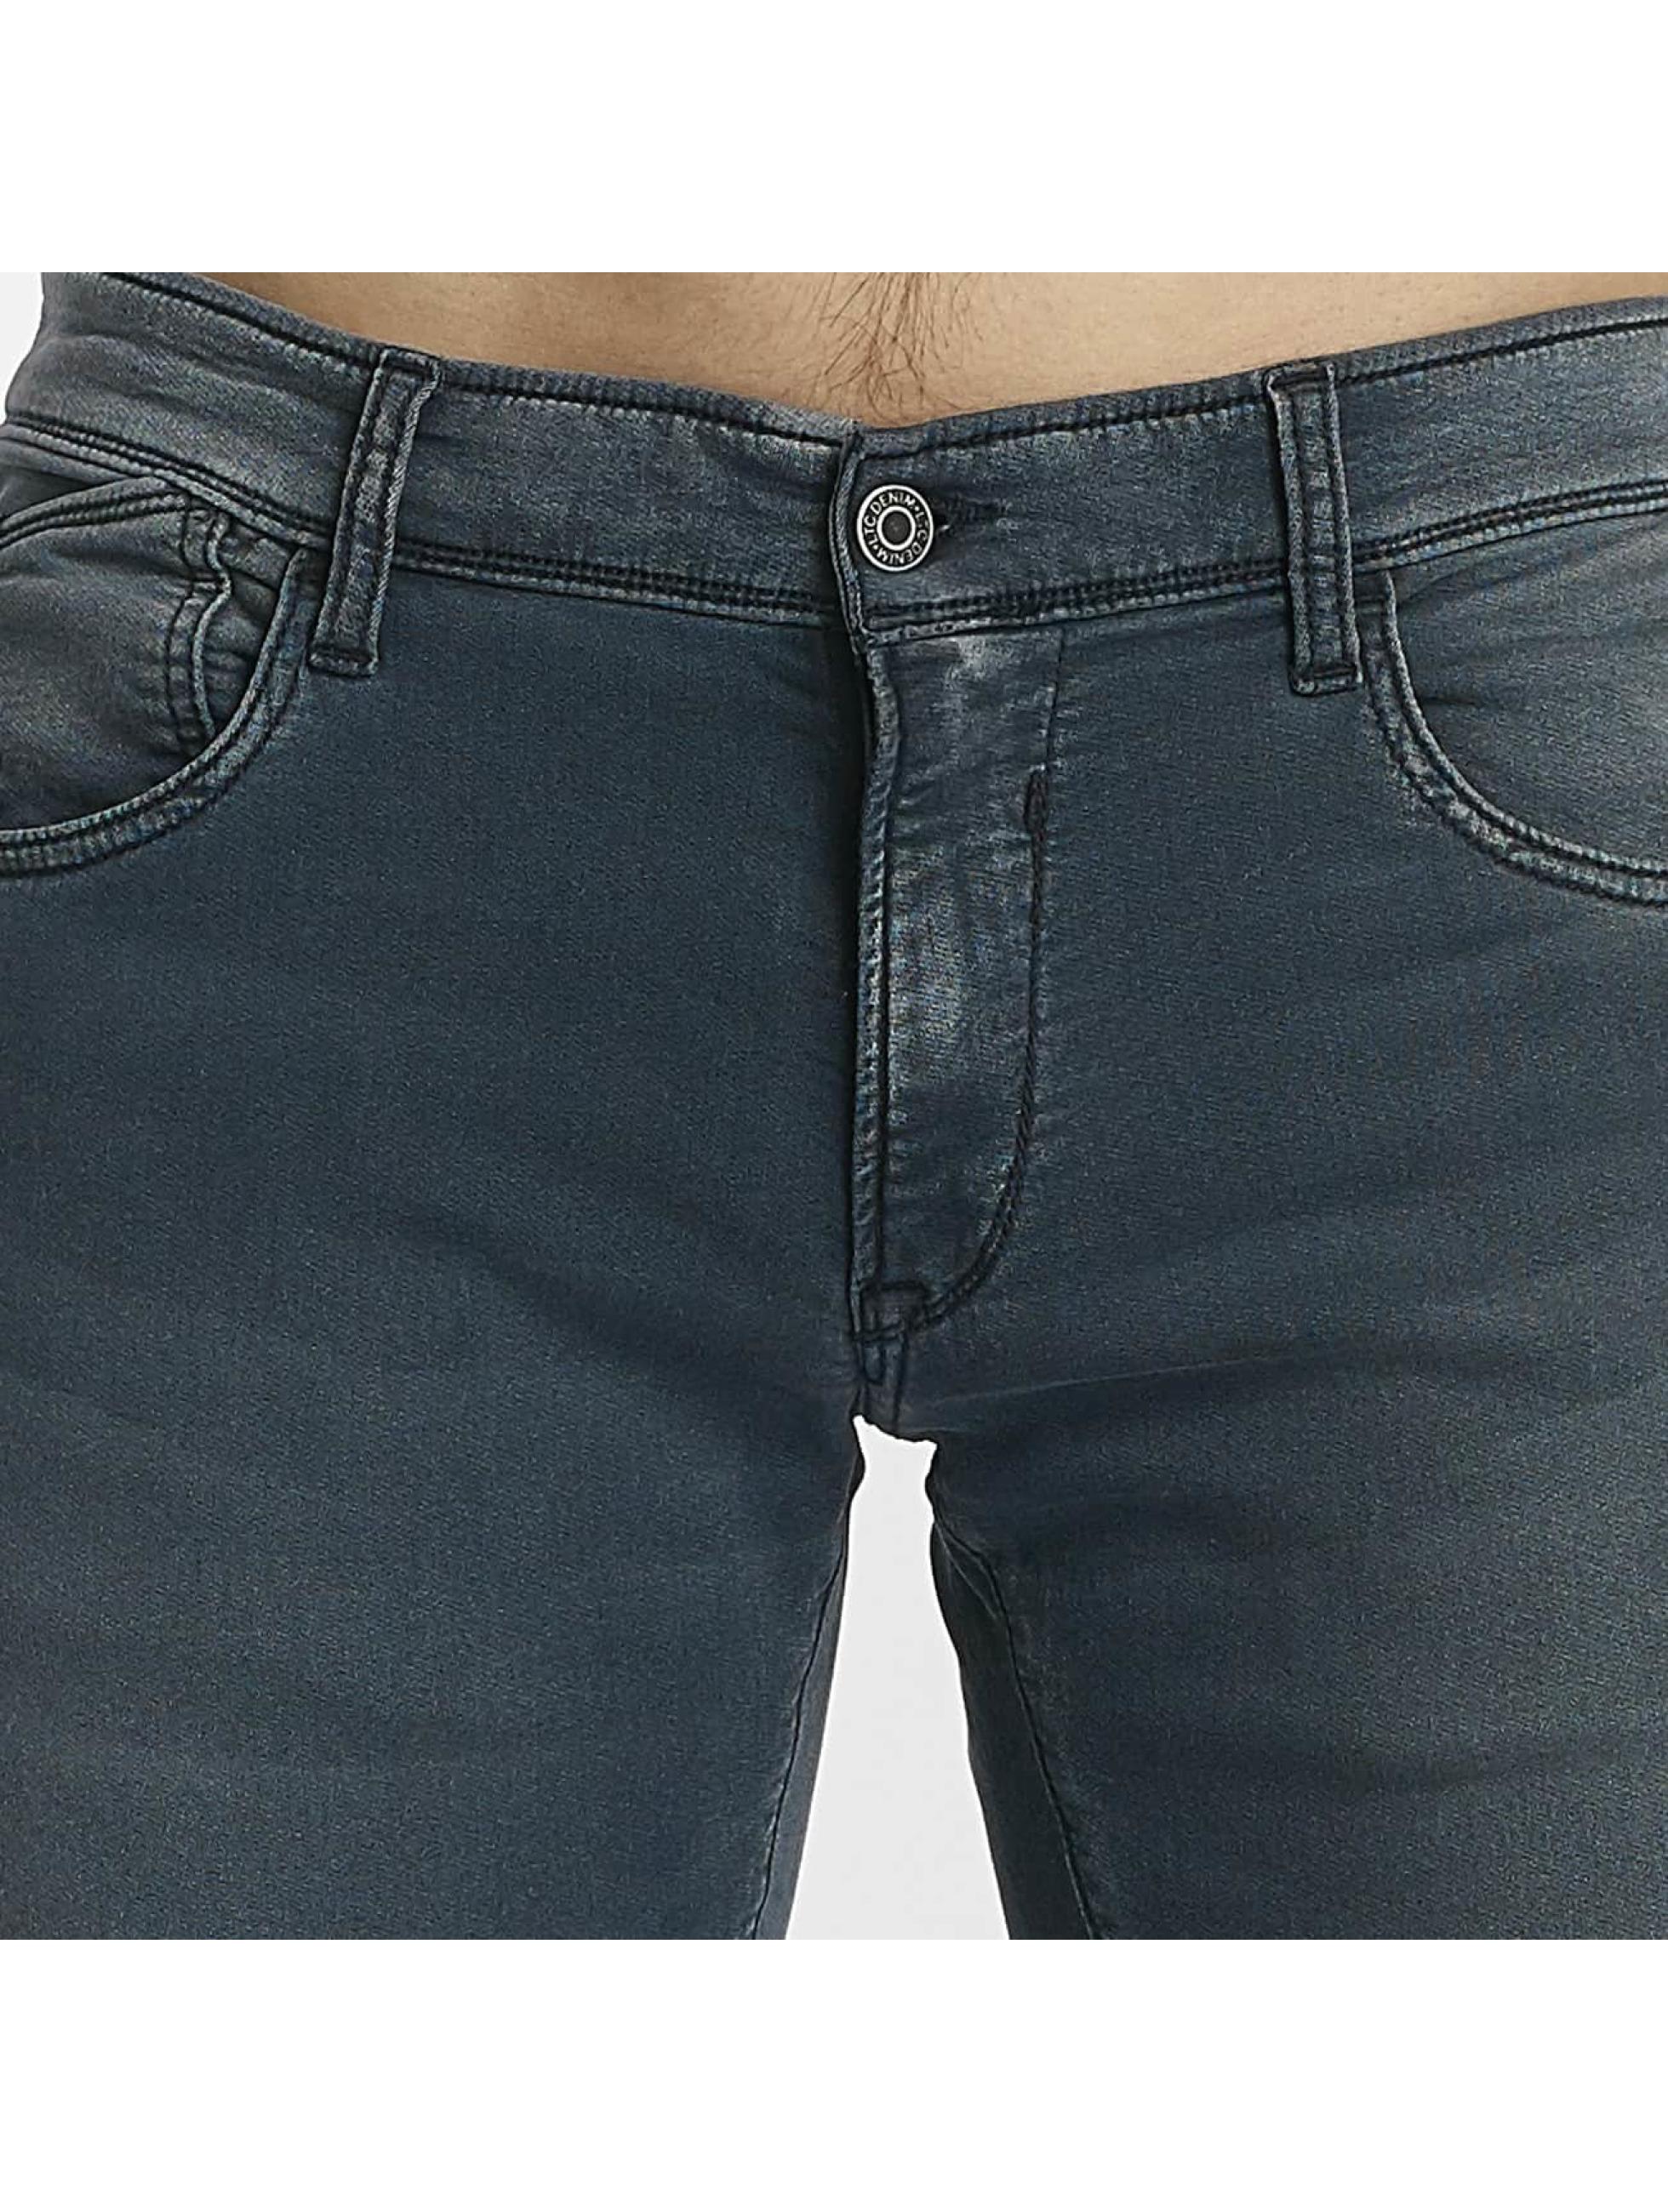 Le Temps Des Cerises Jeans ajustado 700/11 Jogg gris